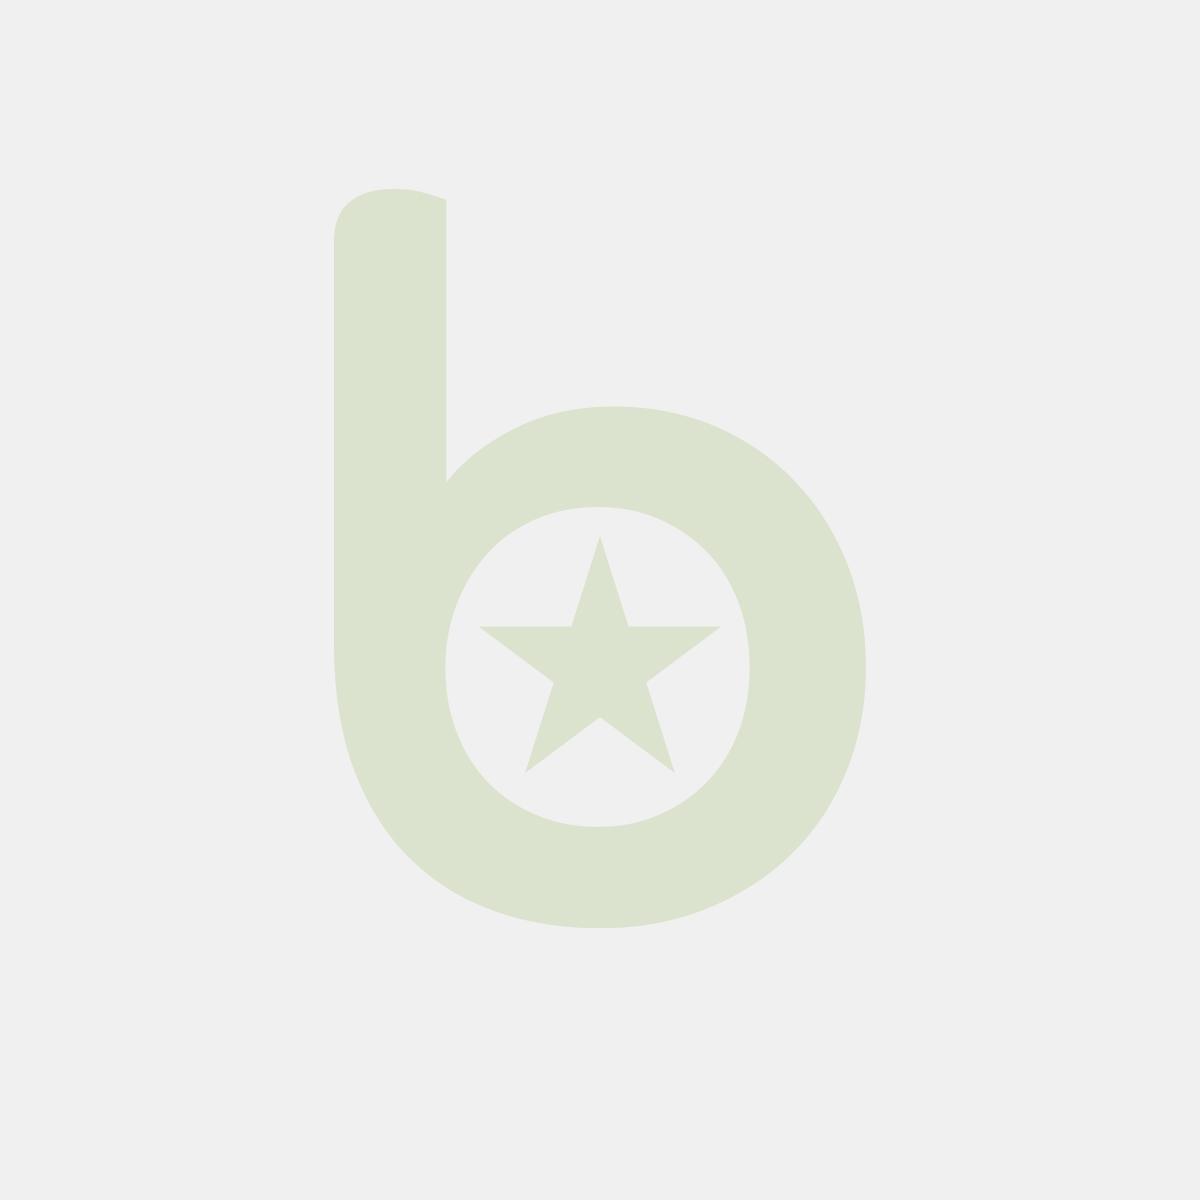 DUNI Duni Amuse-bouche® fingerfood PS trójkąt, 63x63x68 mm, opakowanie 54szt